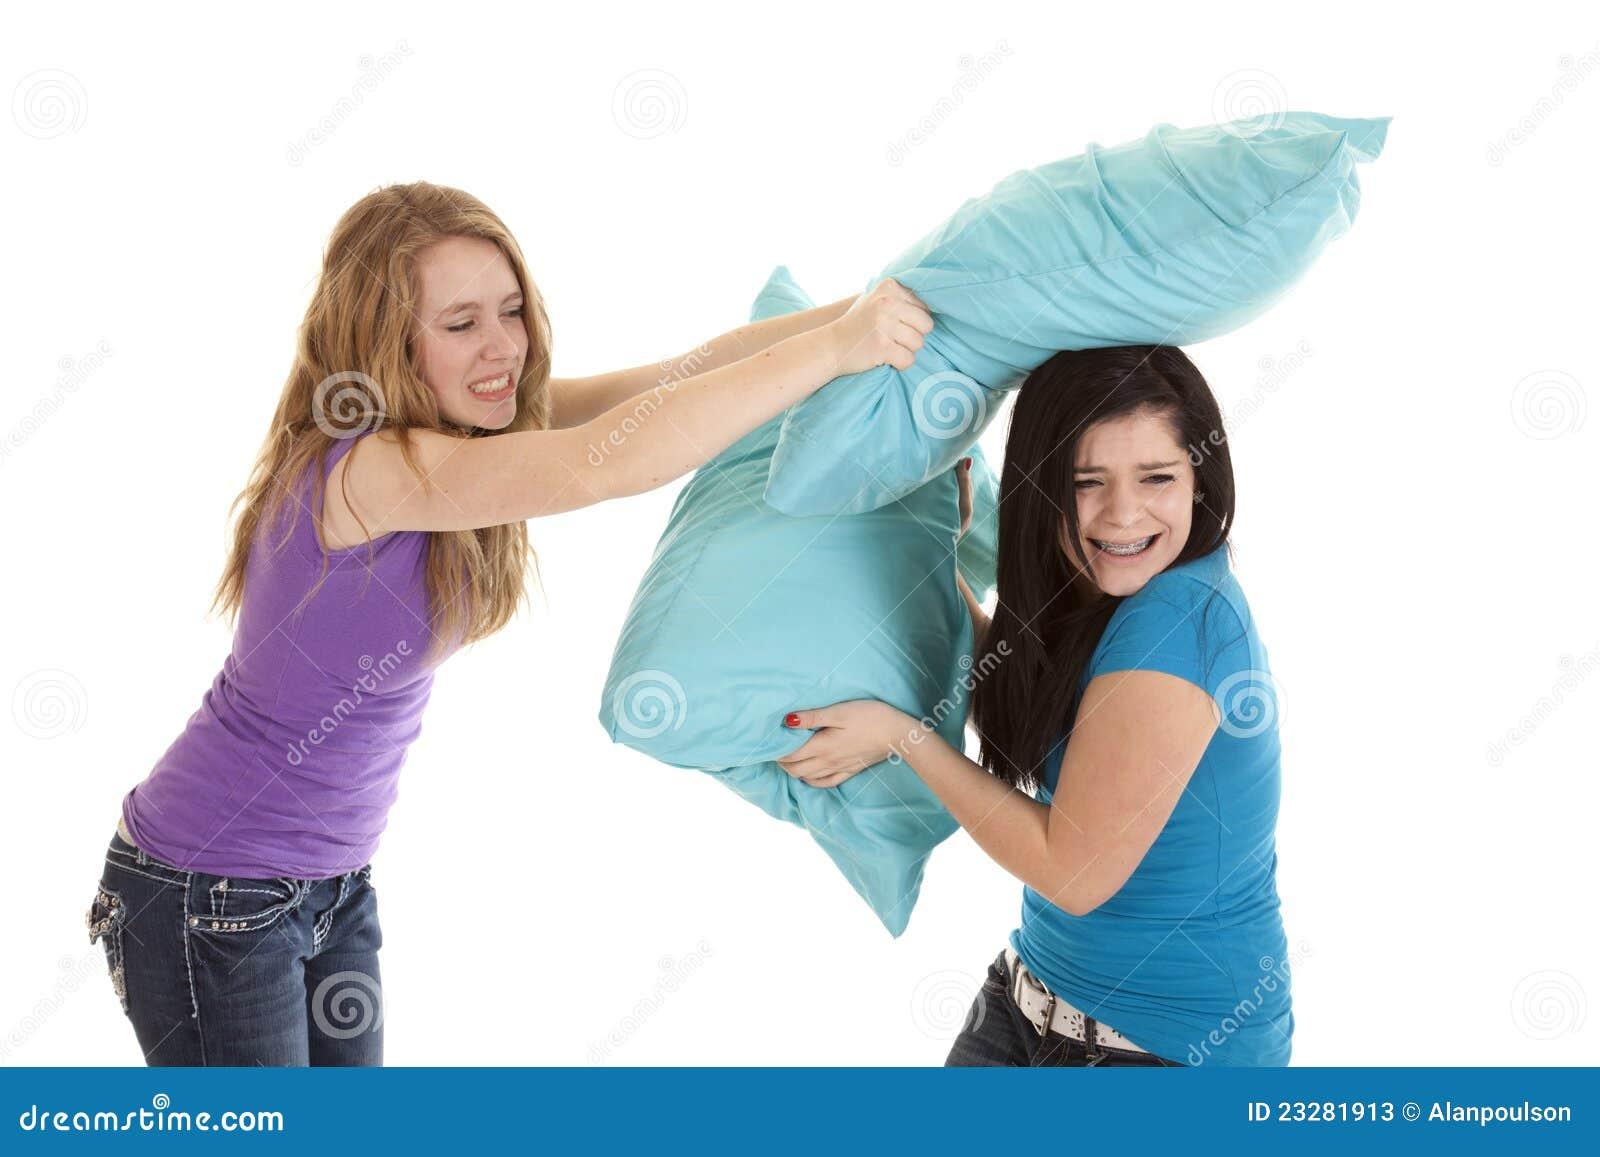 Pillow fight girls